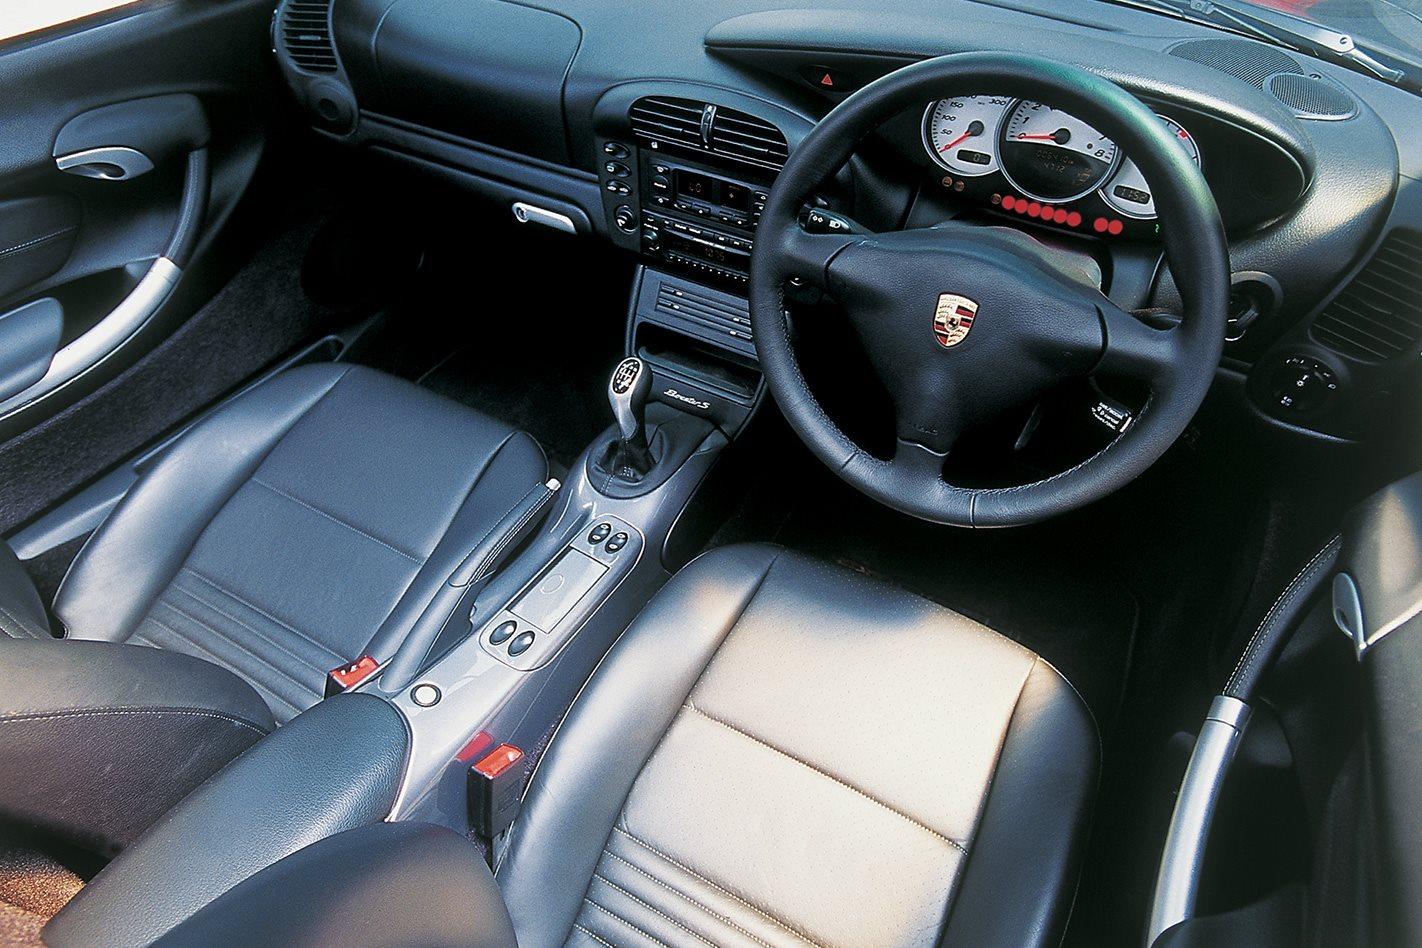 2003 Porsche Boxter S interior